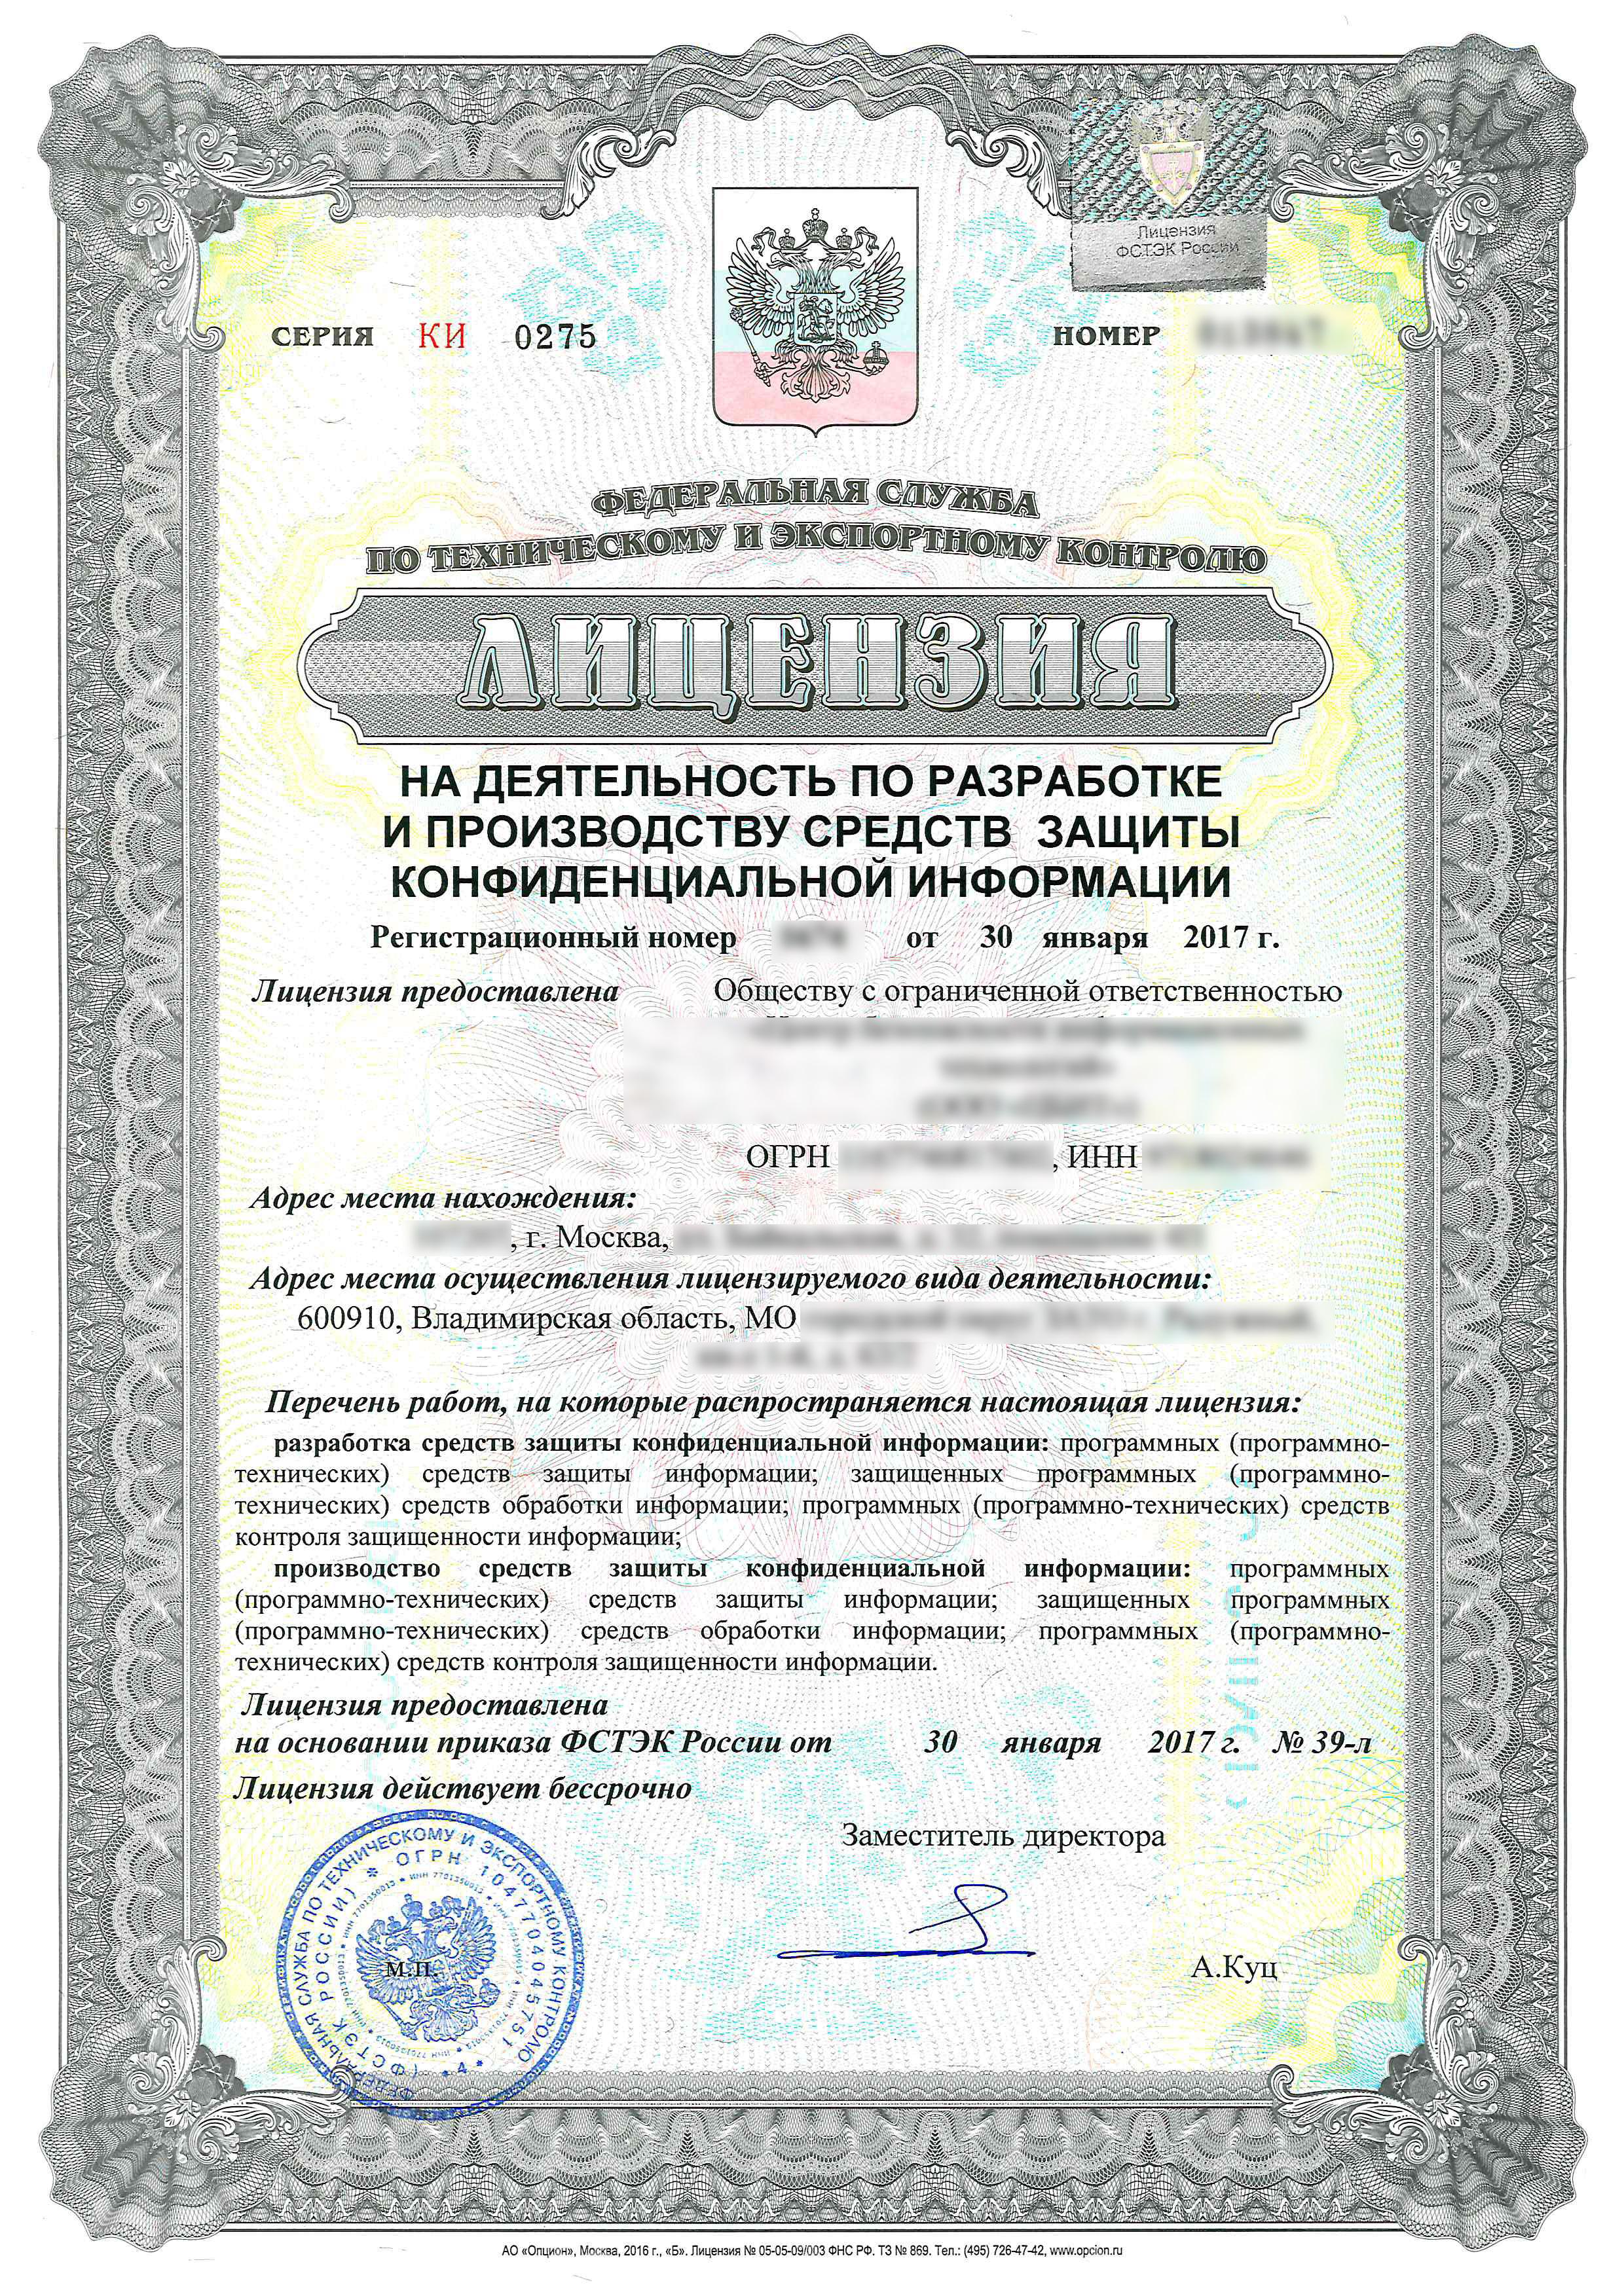 Лицензия ФСТЭК России на деятельность по разработке и производству средств защиты конфиденциальной информации